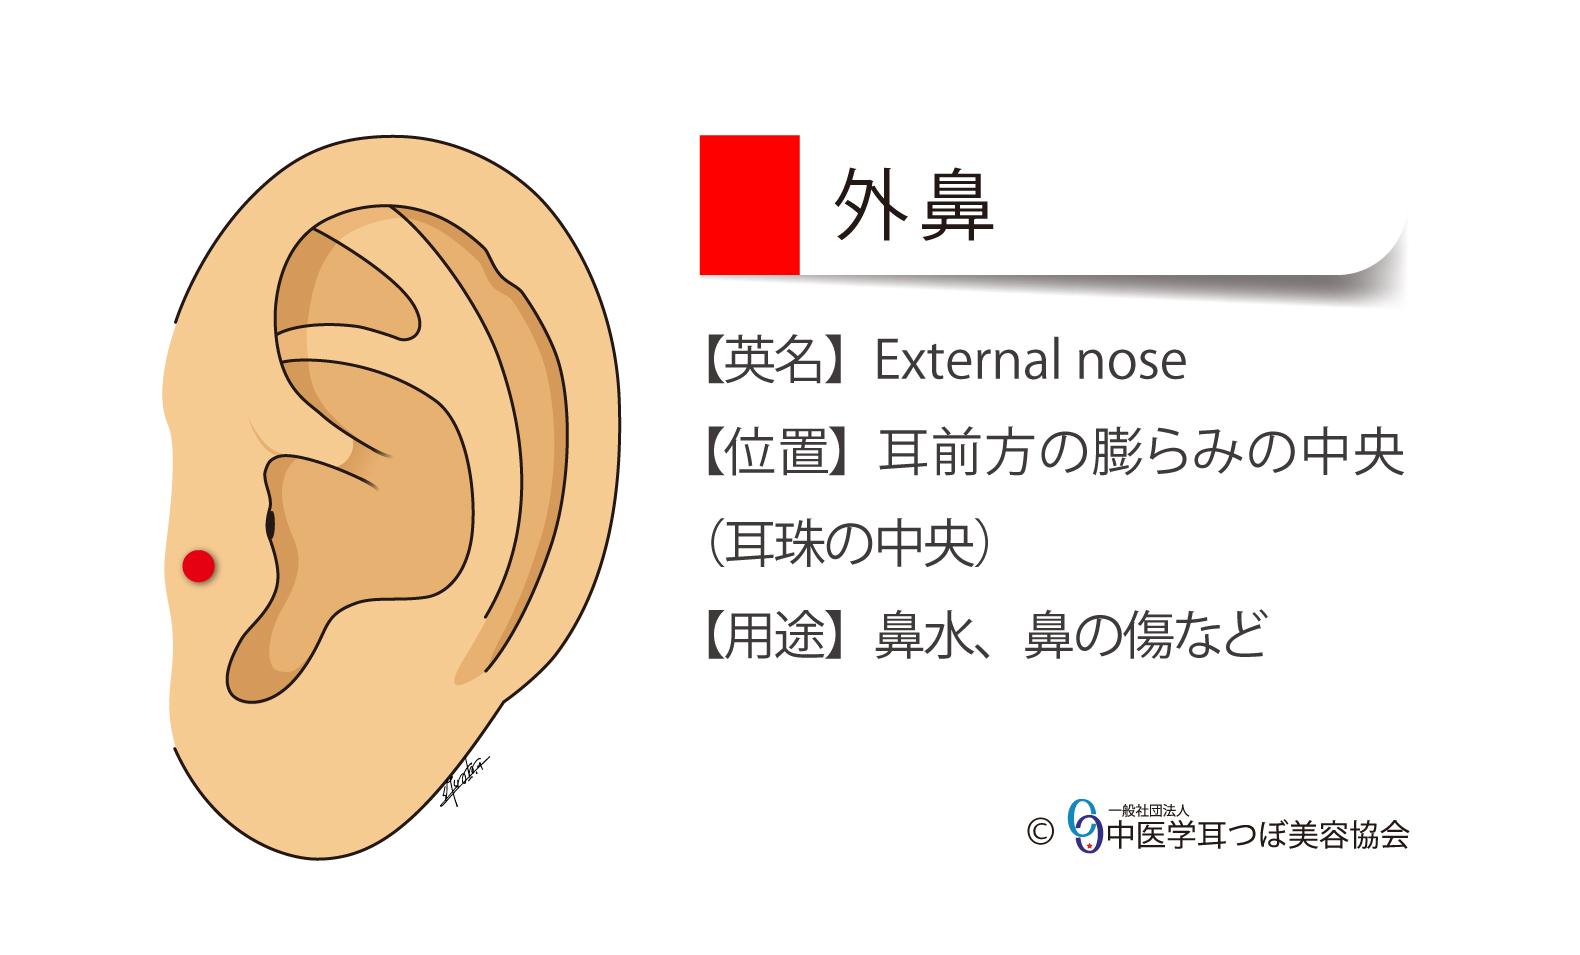 057c-external nose